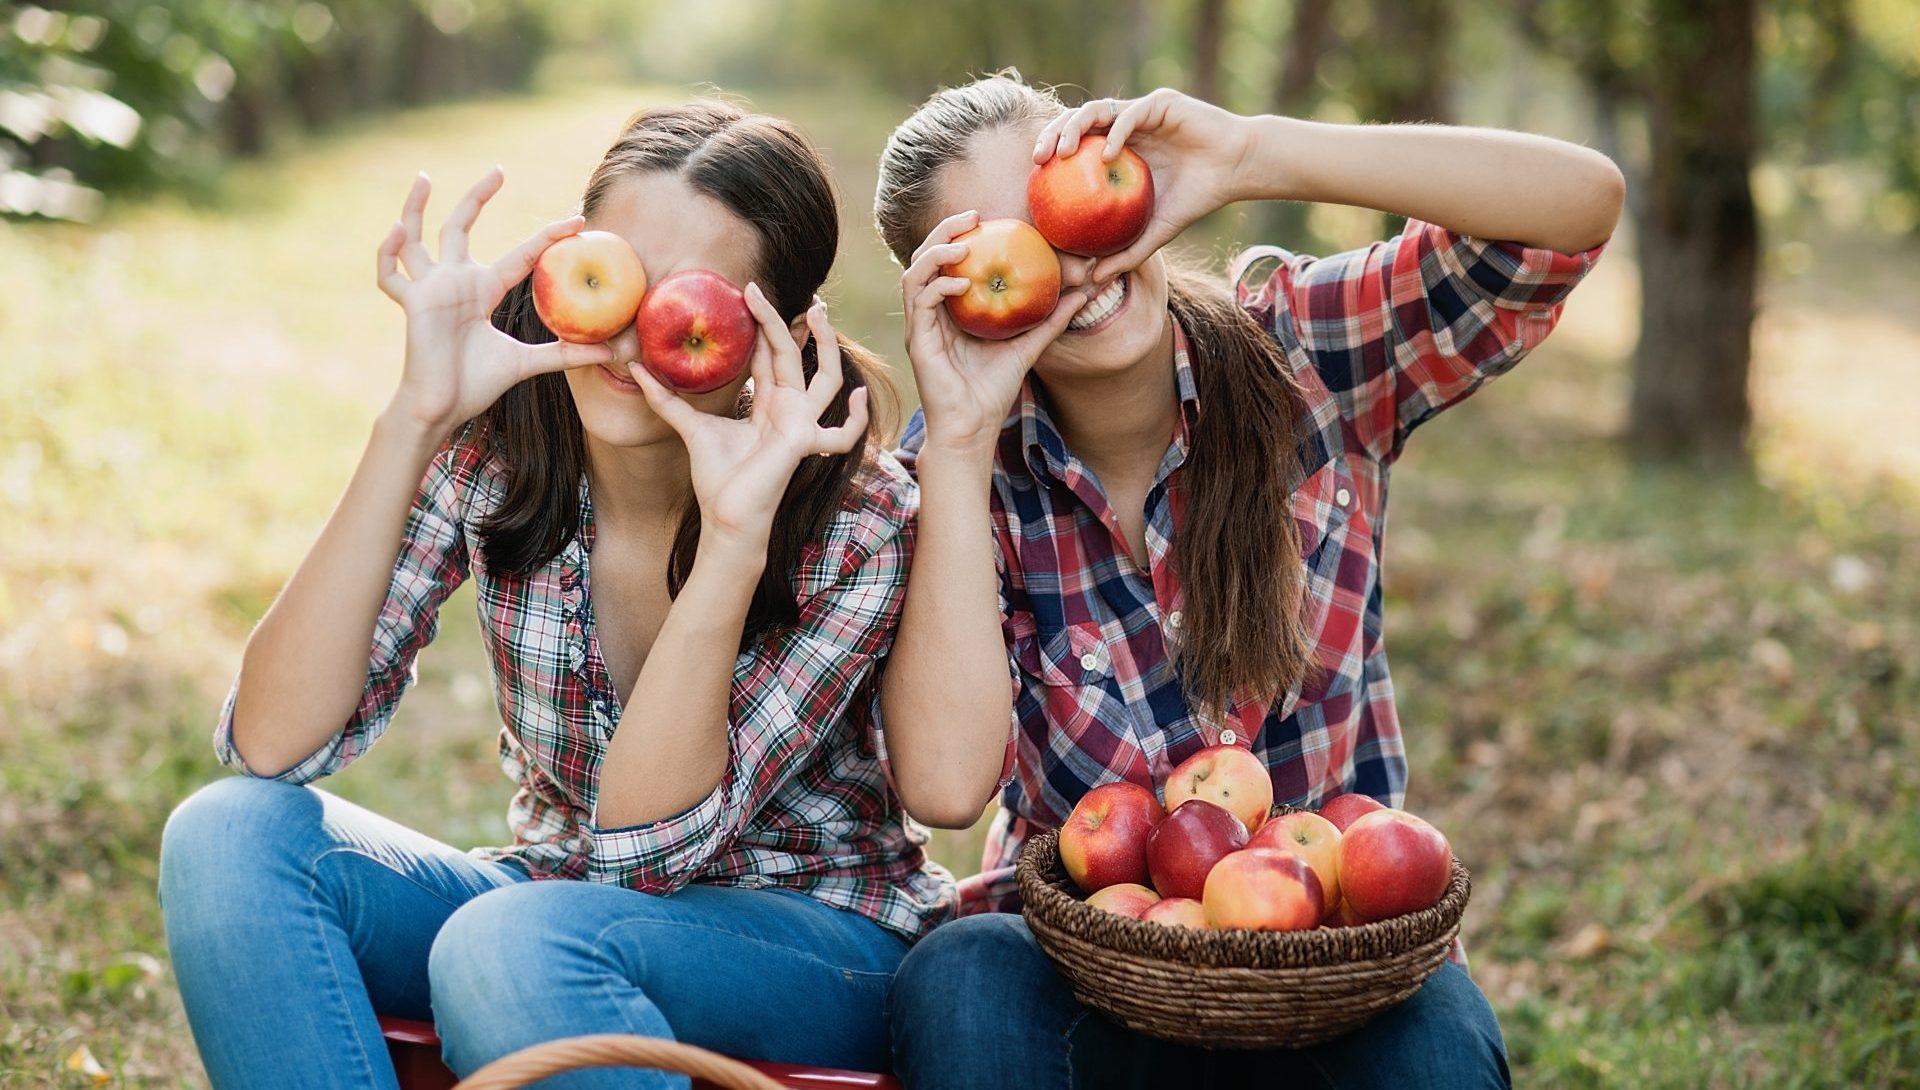 Les fruits et légumes, ils ont tout bon